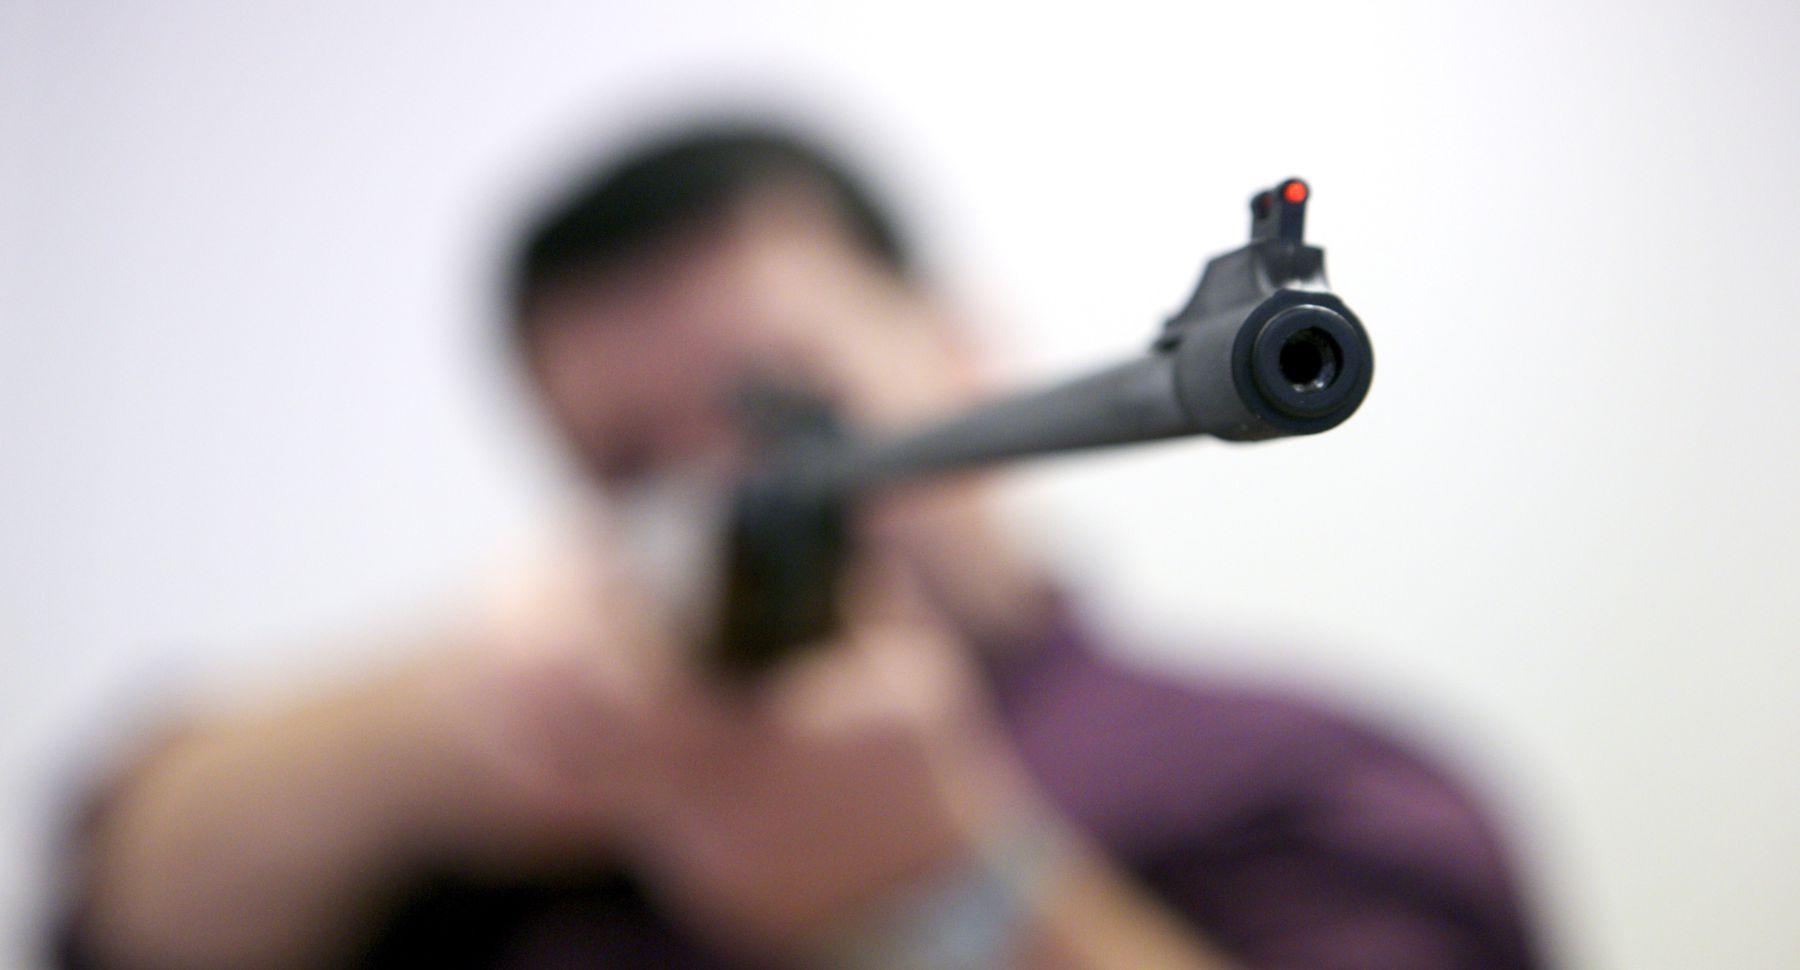 В Воронеже браконьер выстрелил в 12-летнего школьника